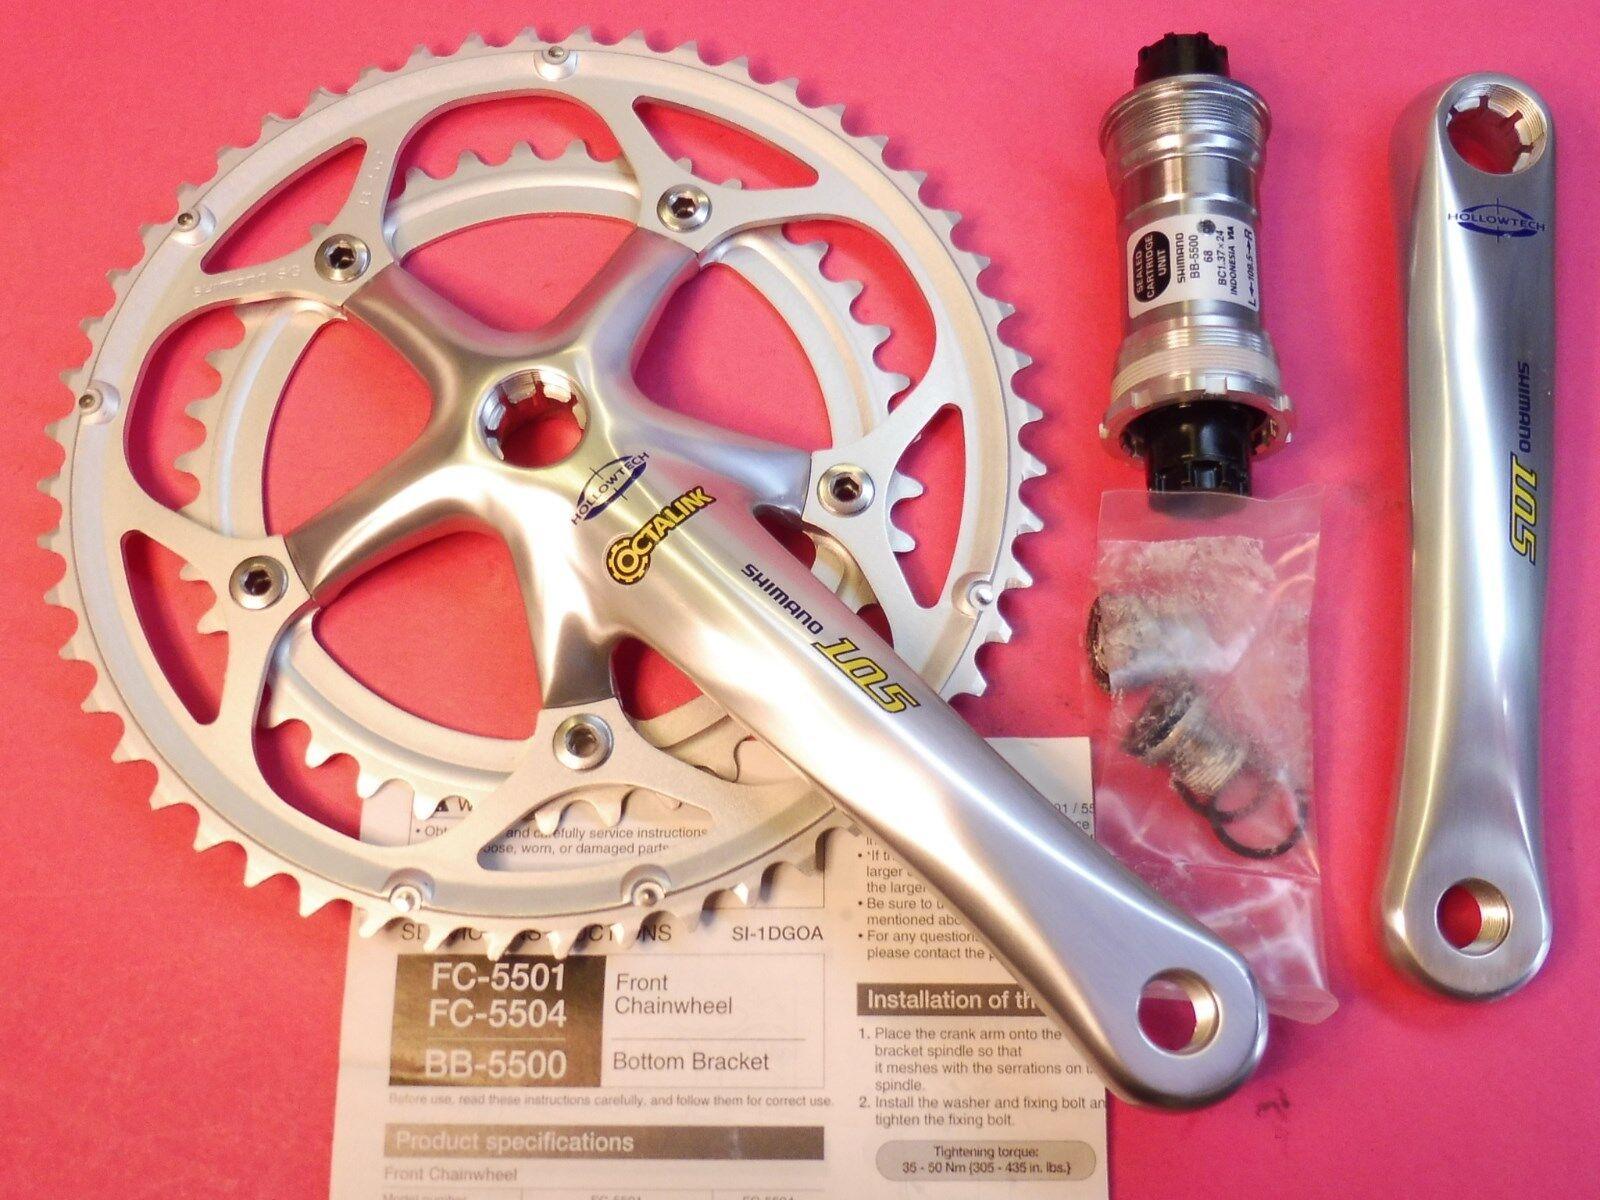 Shimano 55019 Sp. Bicicletta Set Catena 170 39.5255 68109 Bb Set  Nos